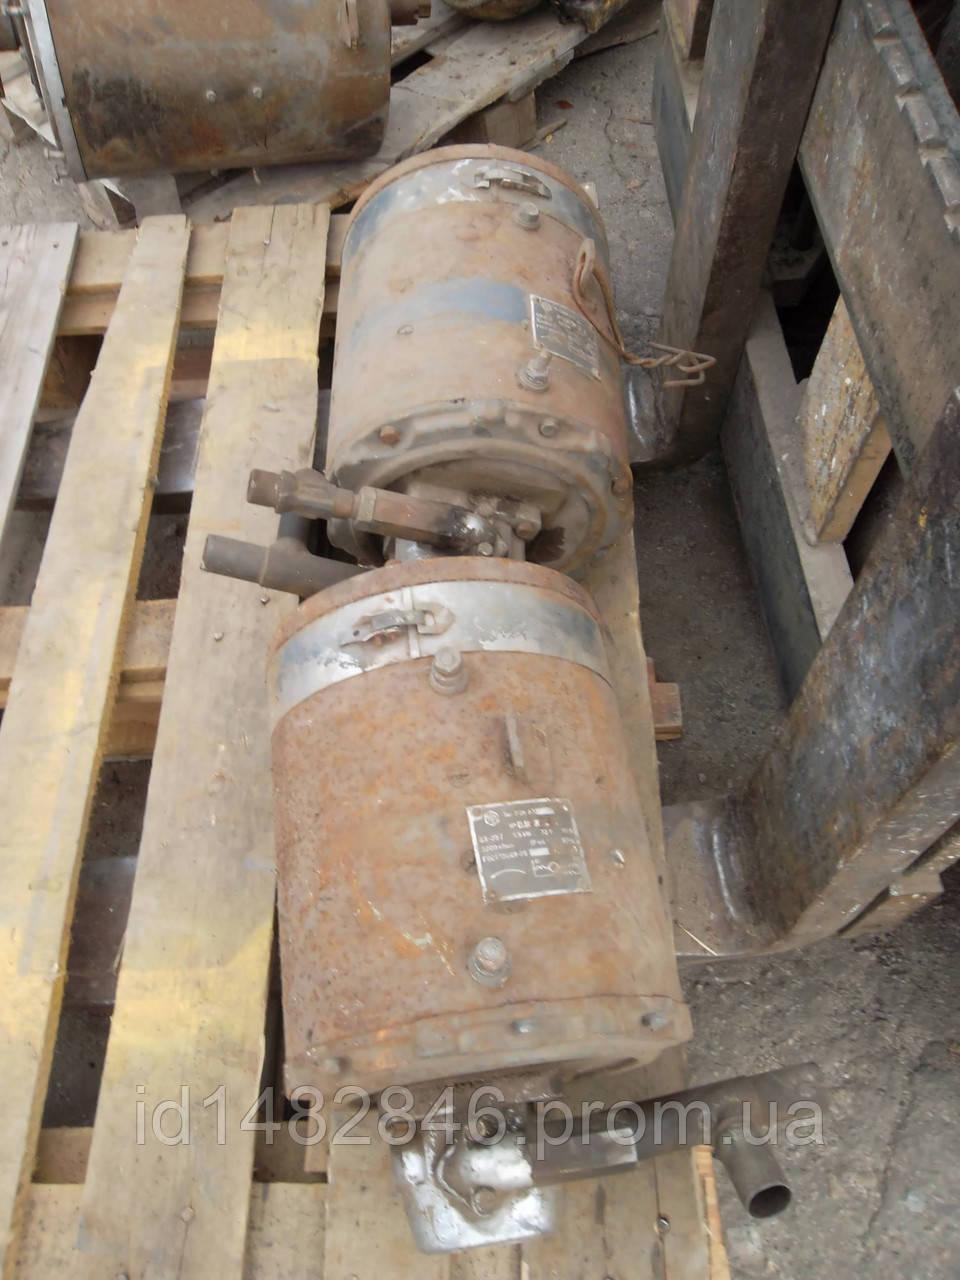 Электродвигатели тип 3ДН.63